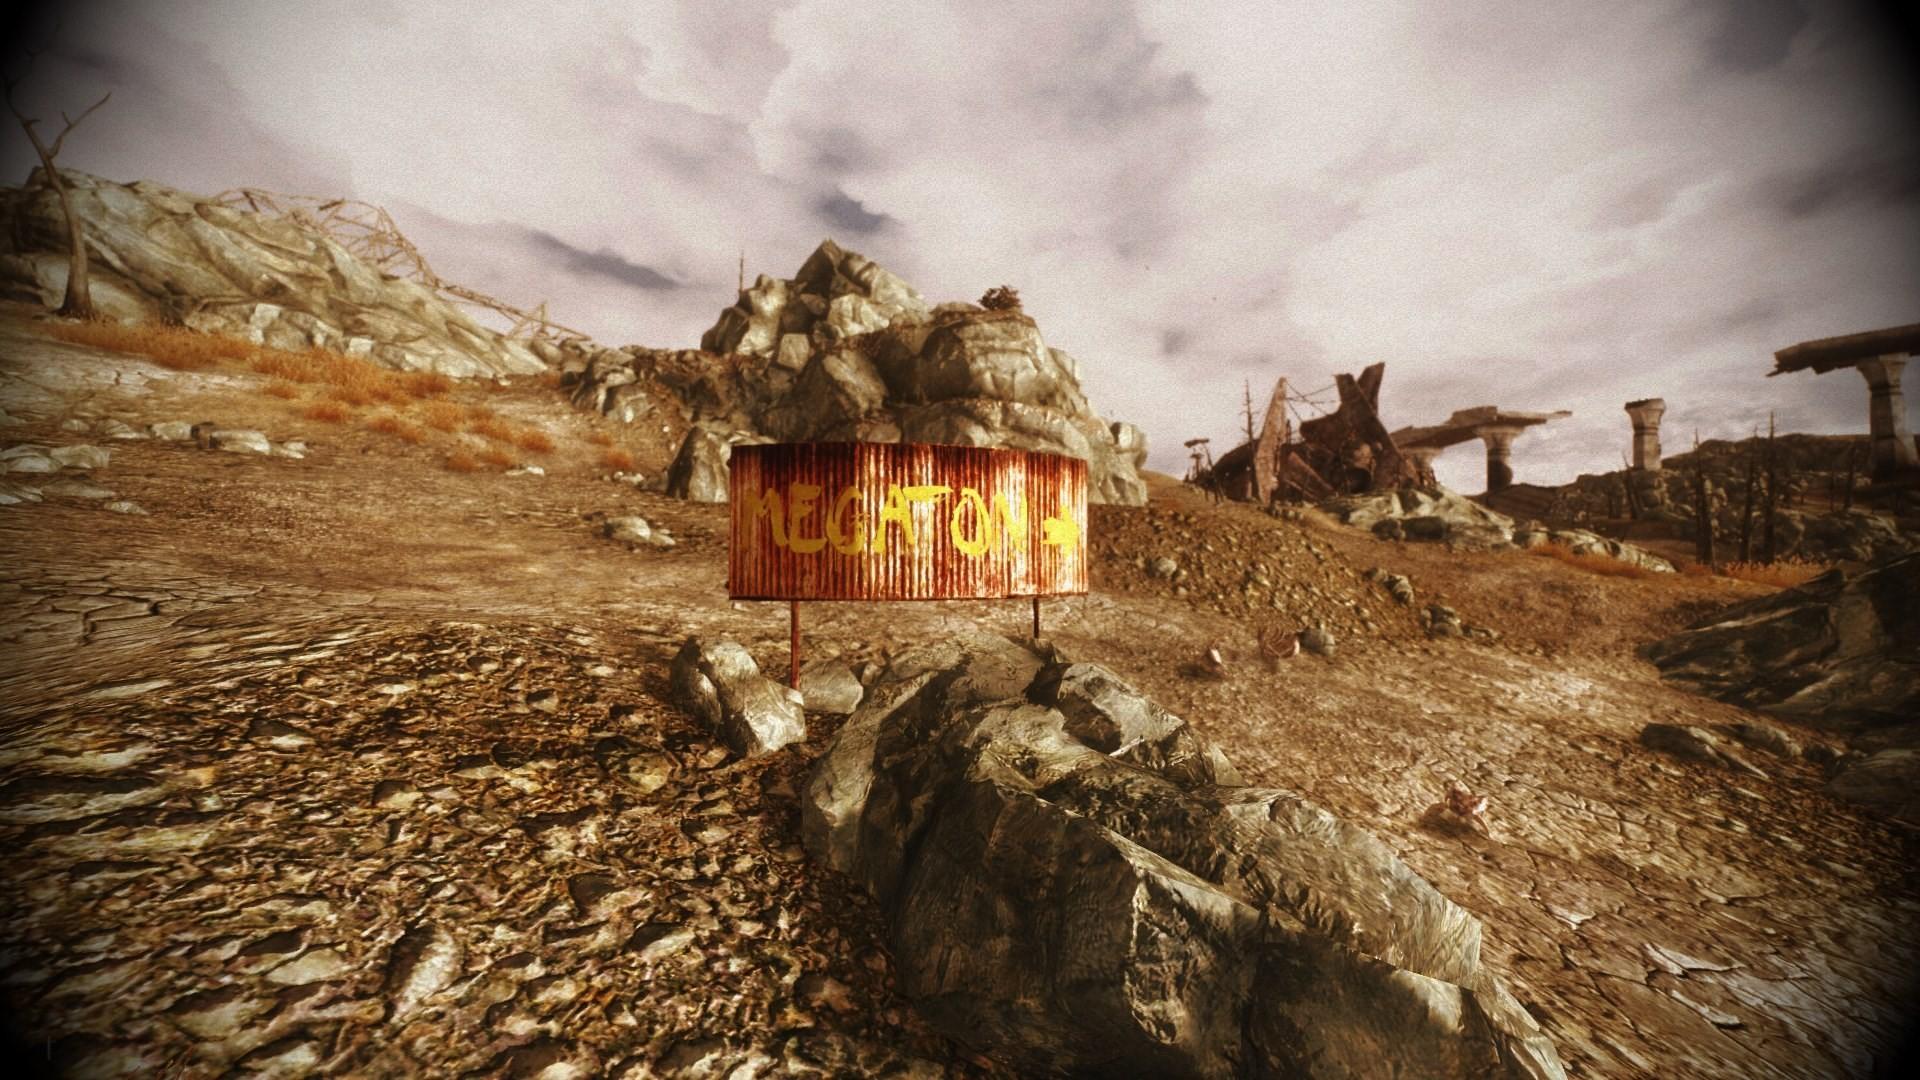 px Images for Desktop: fallout new vegas wallpaper by Langston  Fairy for – pocketfullofgrace